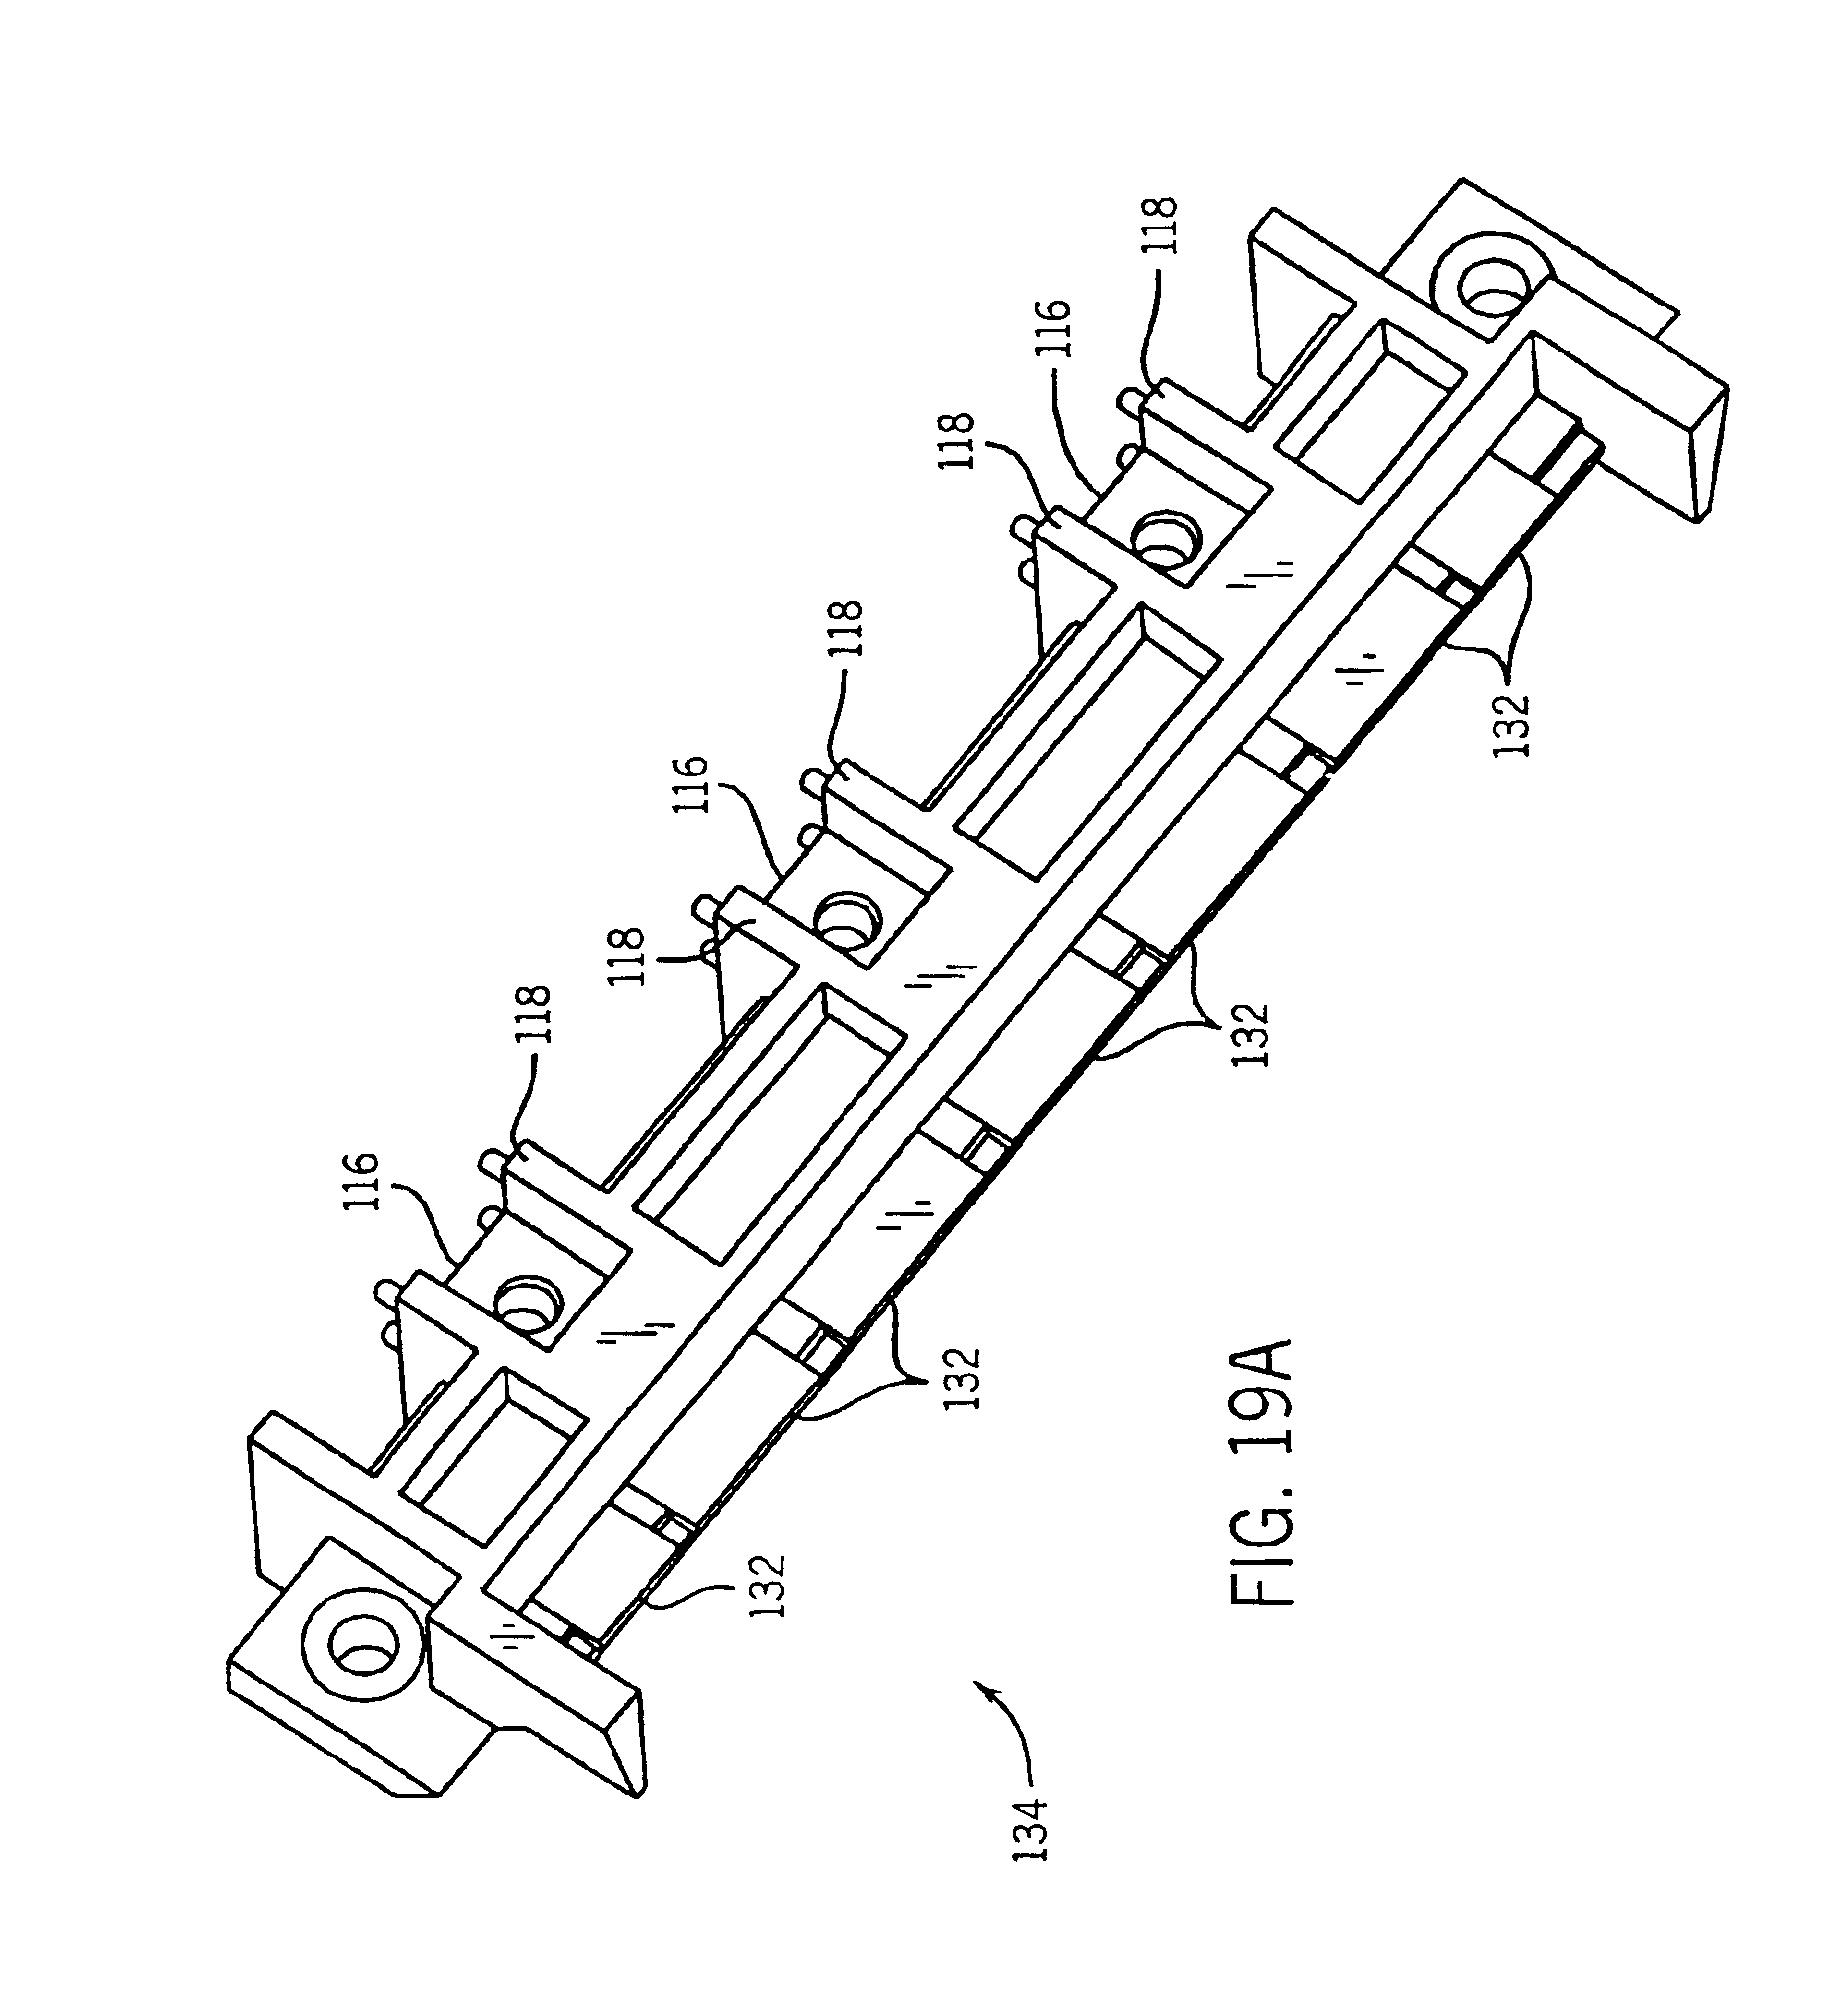 110v To 220v Breaker Box Wiring Diagram